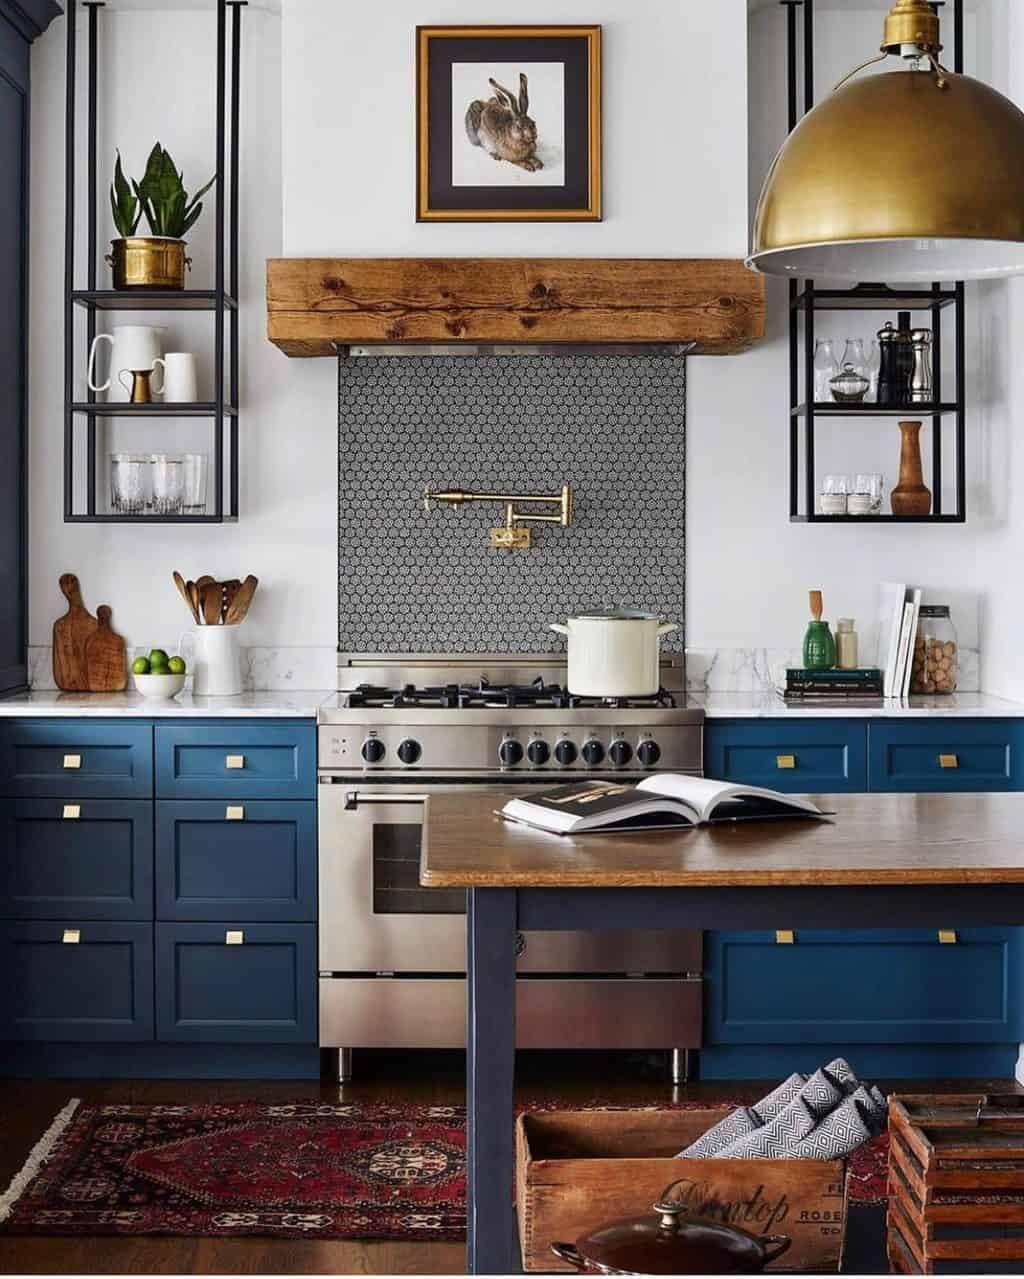 Kitchen Design And Renovation Tips From Studio Dearborn In 2020 Kitchen Interior Home Interior Design Kitchen